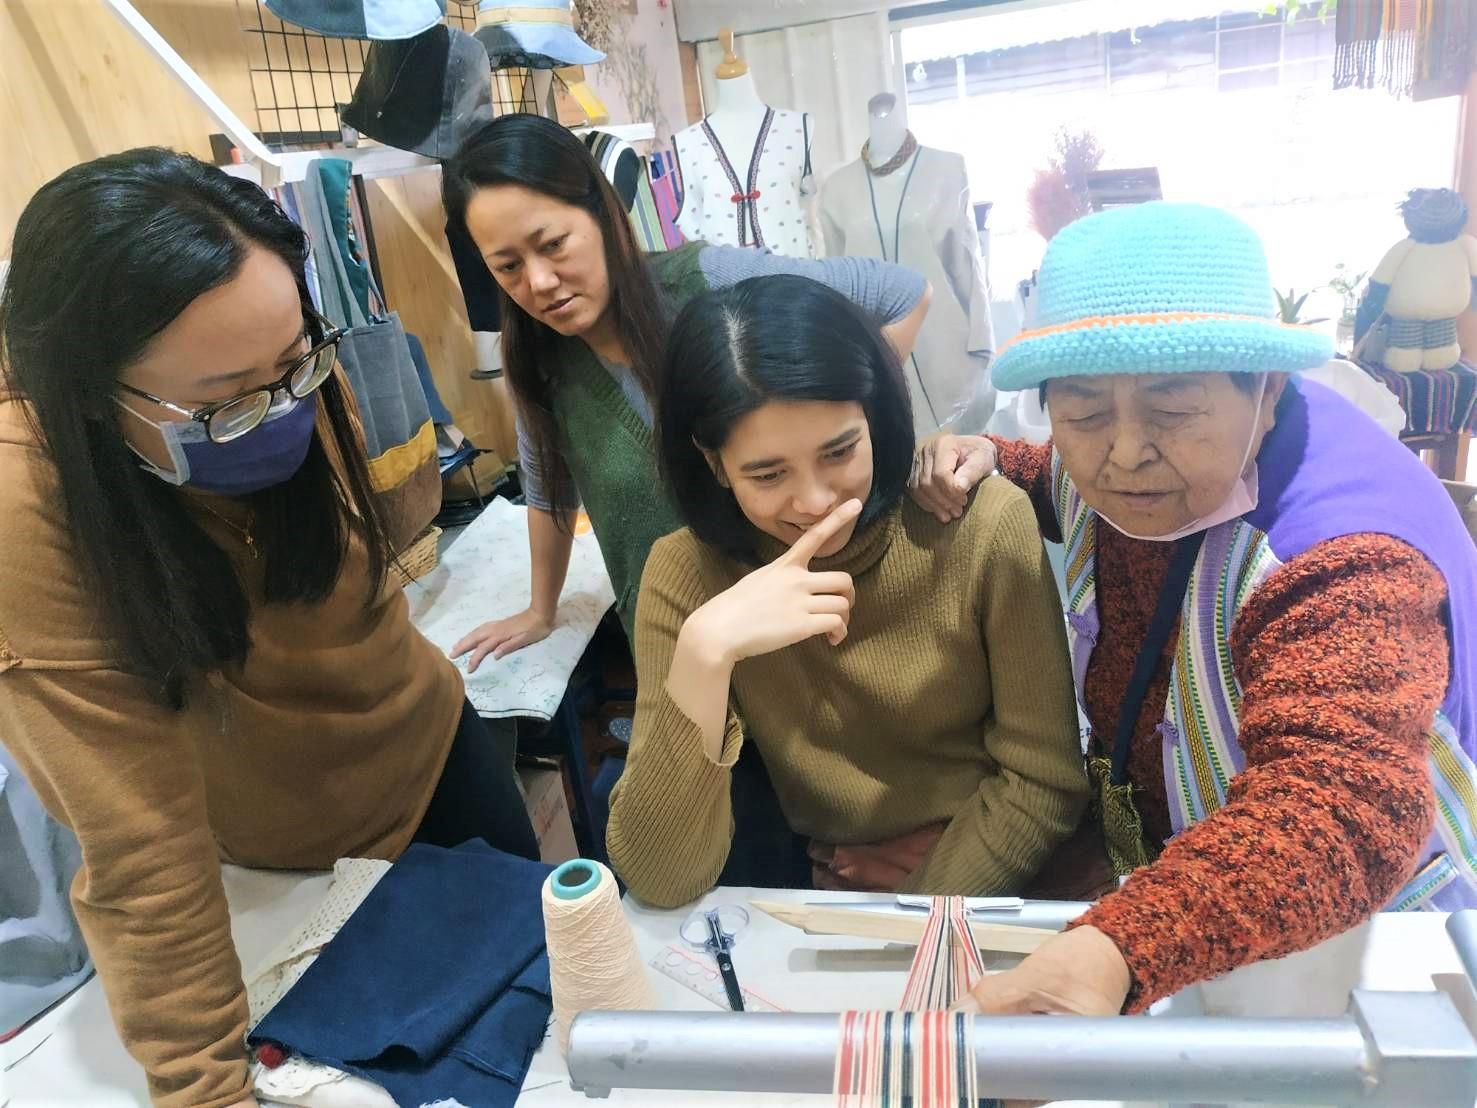 勞動部多元就業開發方案-德米路偏鄉人才育成計畫,協助在地婦女學習傳統織布工藝